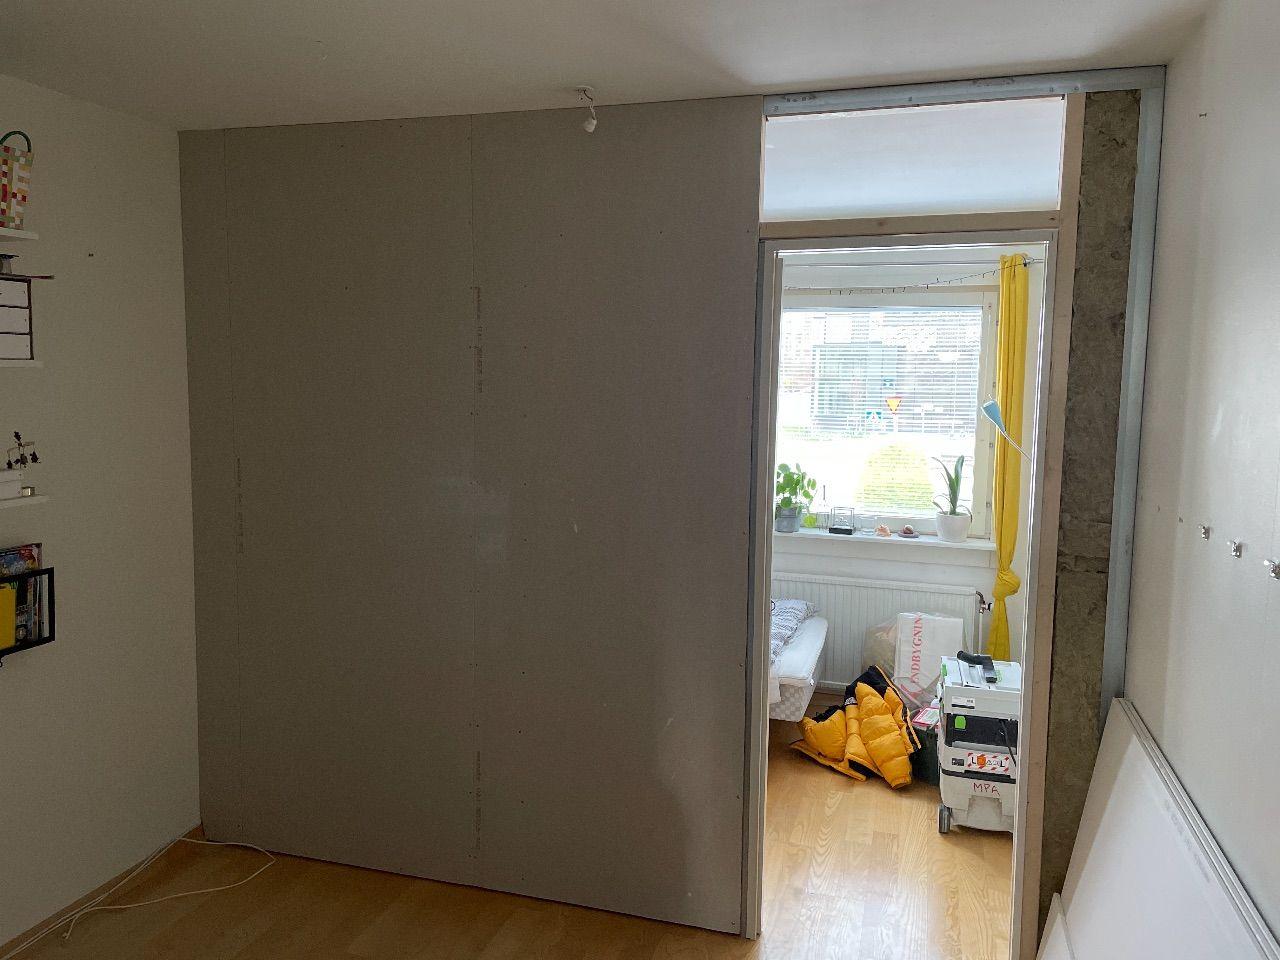 Nya väggen ännu mer in the making.